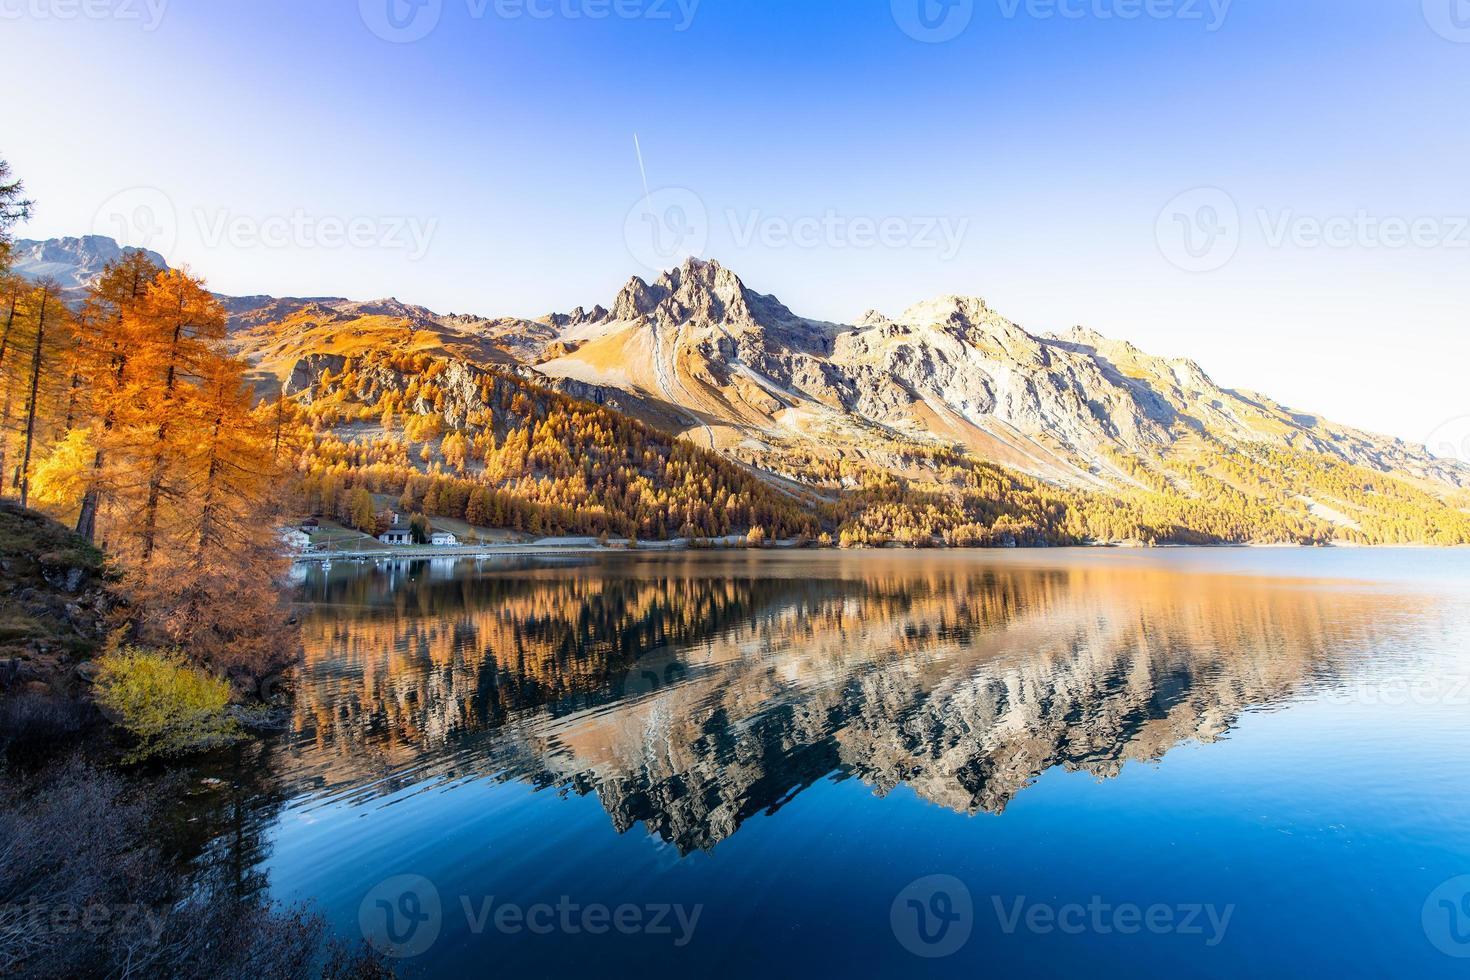 paesaggio alpino svizzero con un lago engadinese e una montagna a specchio foto